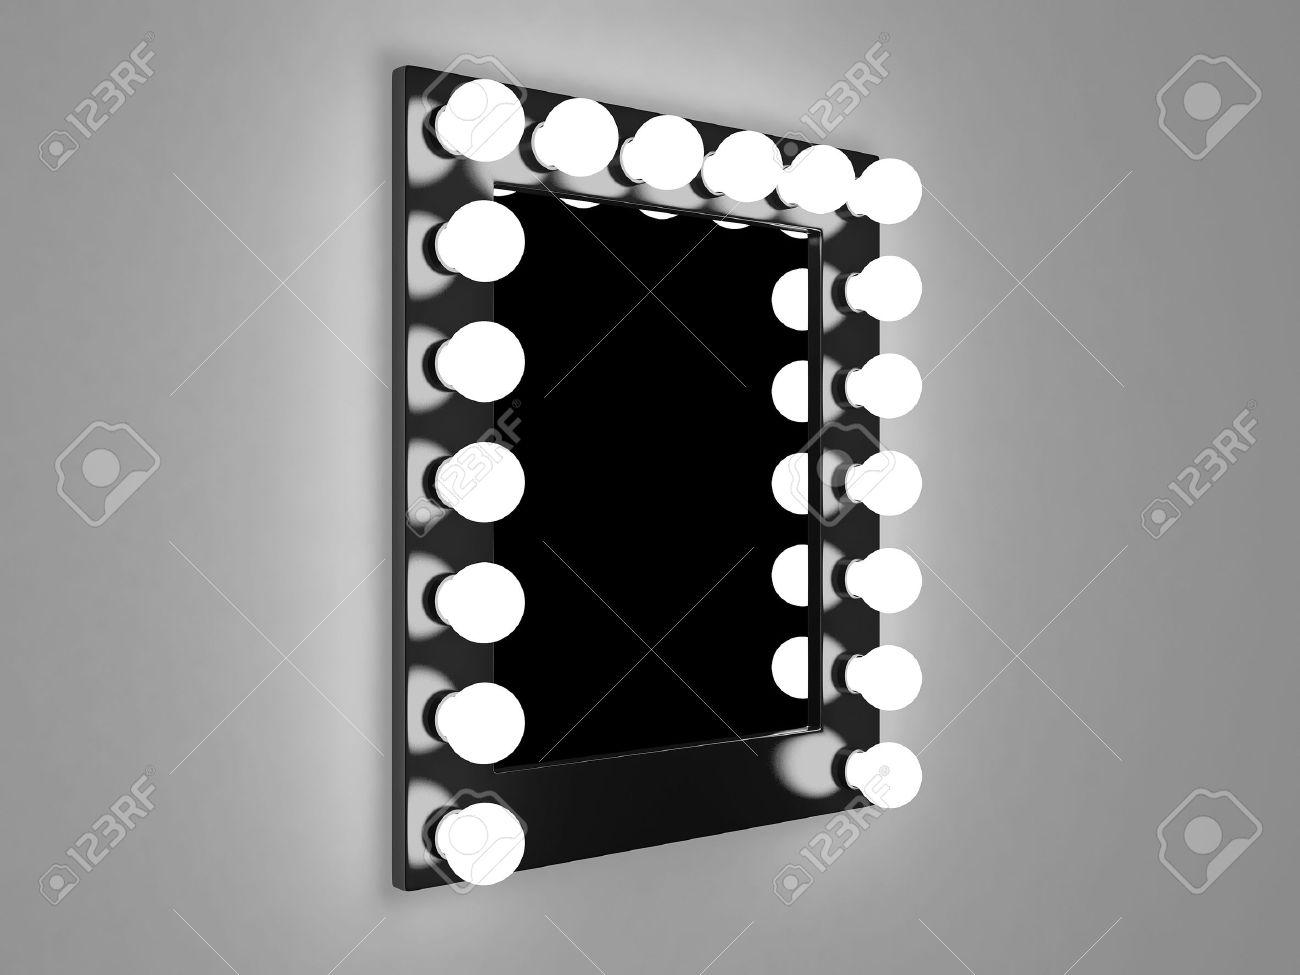 Make Up Spiegels : D darstellung der spiegel mit lampen für make up lizenzfreie